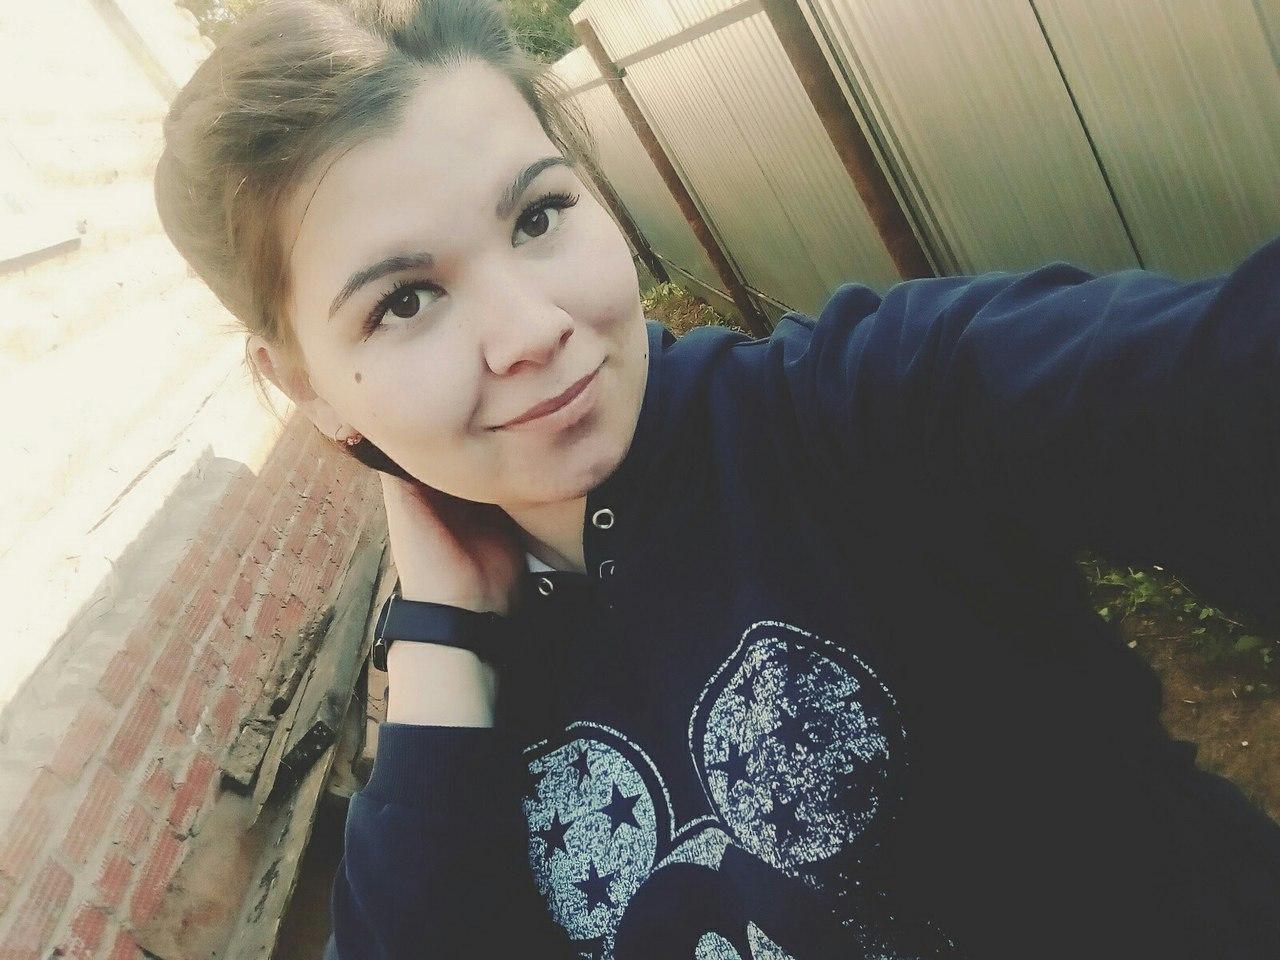 Лена Петрова, Агрыз - фото №13